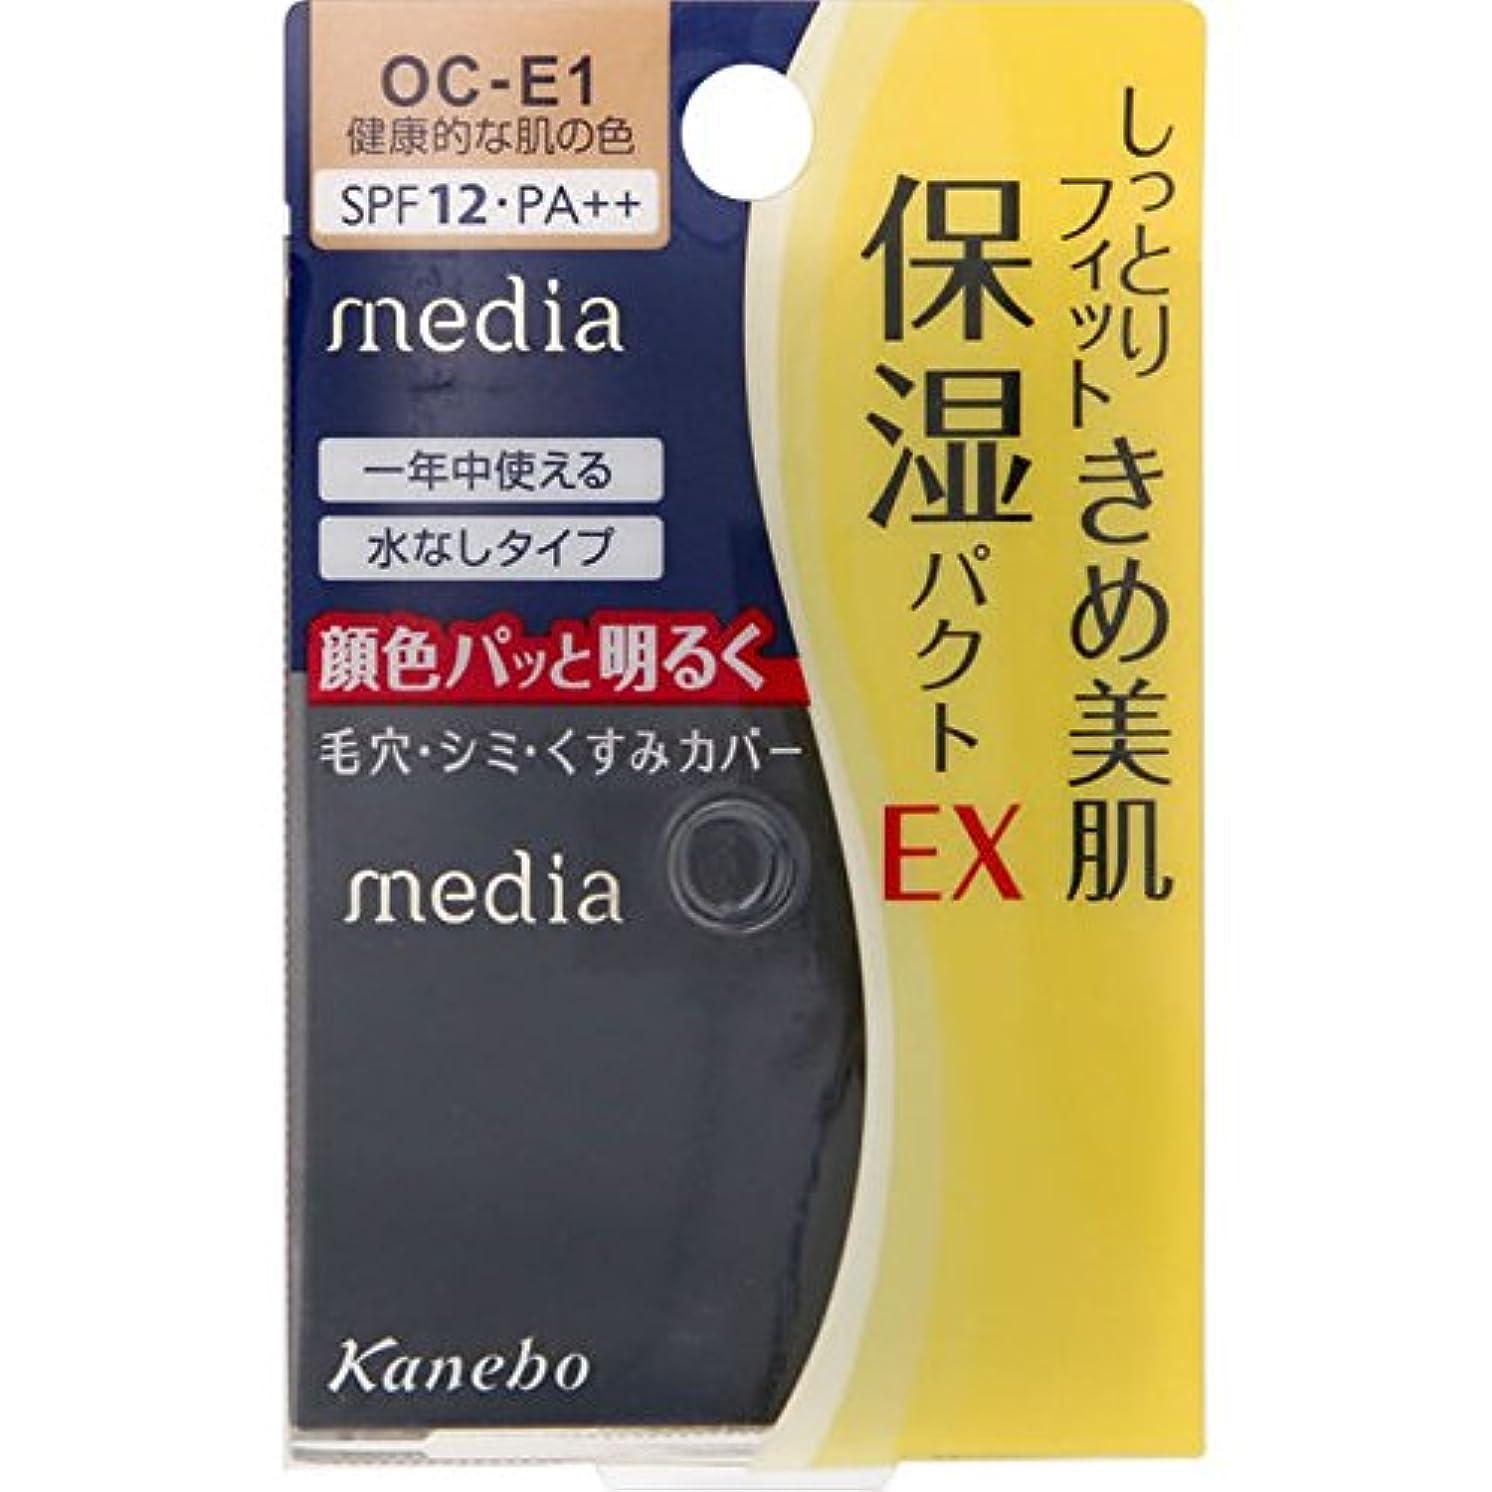 クラウドスピーチ悲しむカネボウ メディア モイストフィットパクトEX OC-E1(11g)